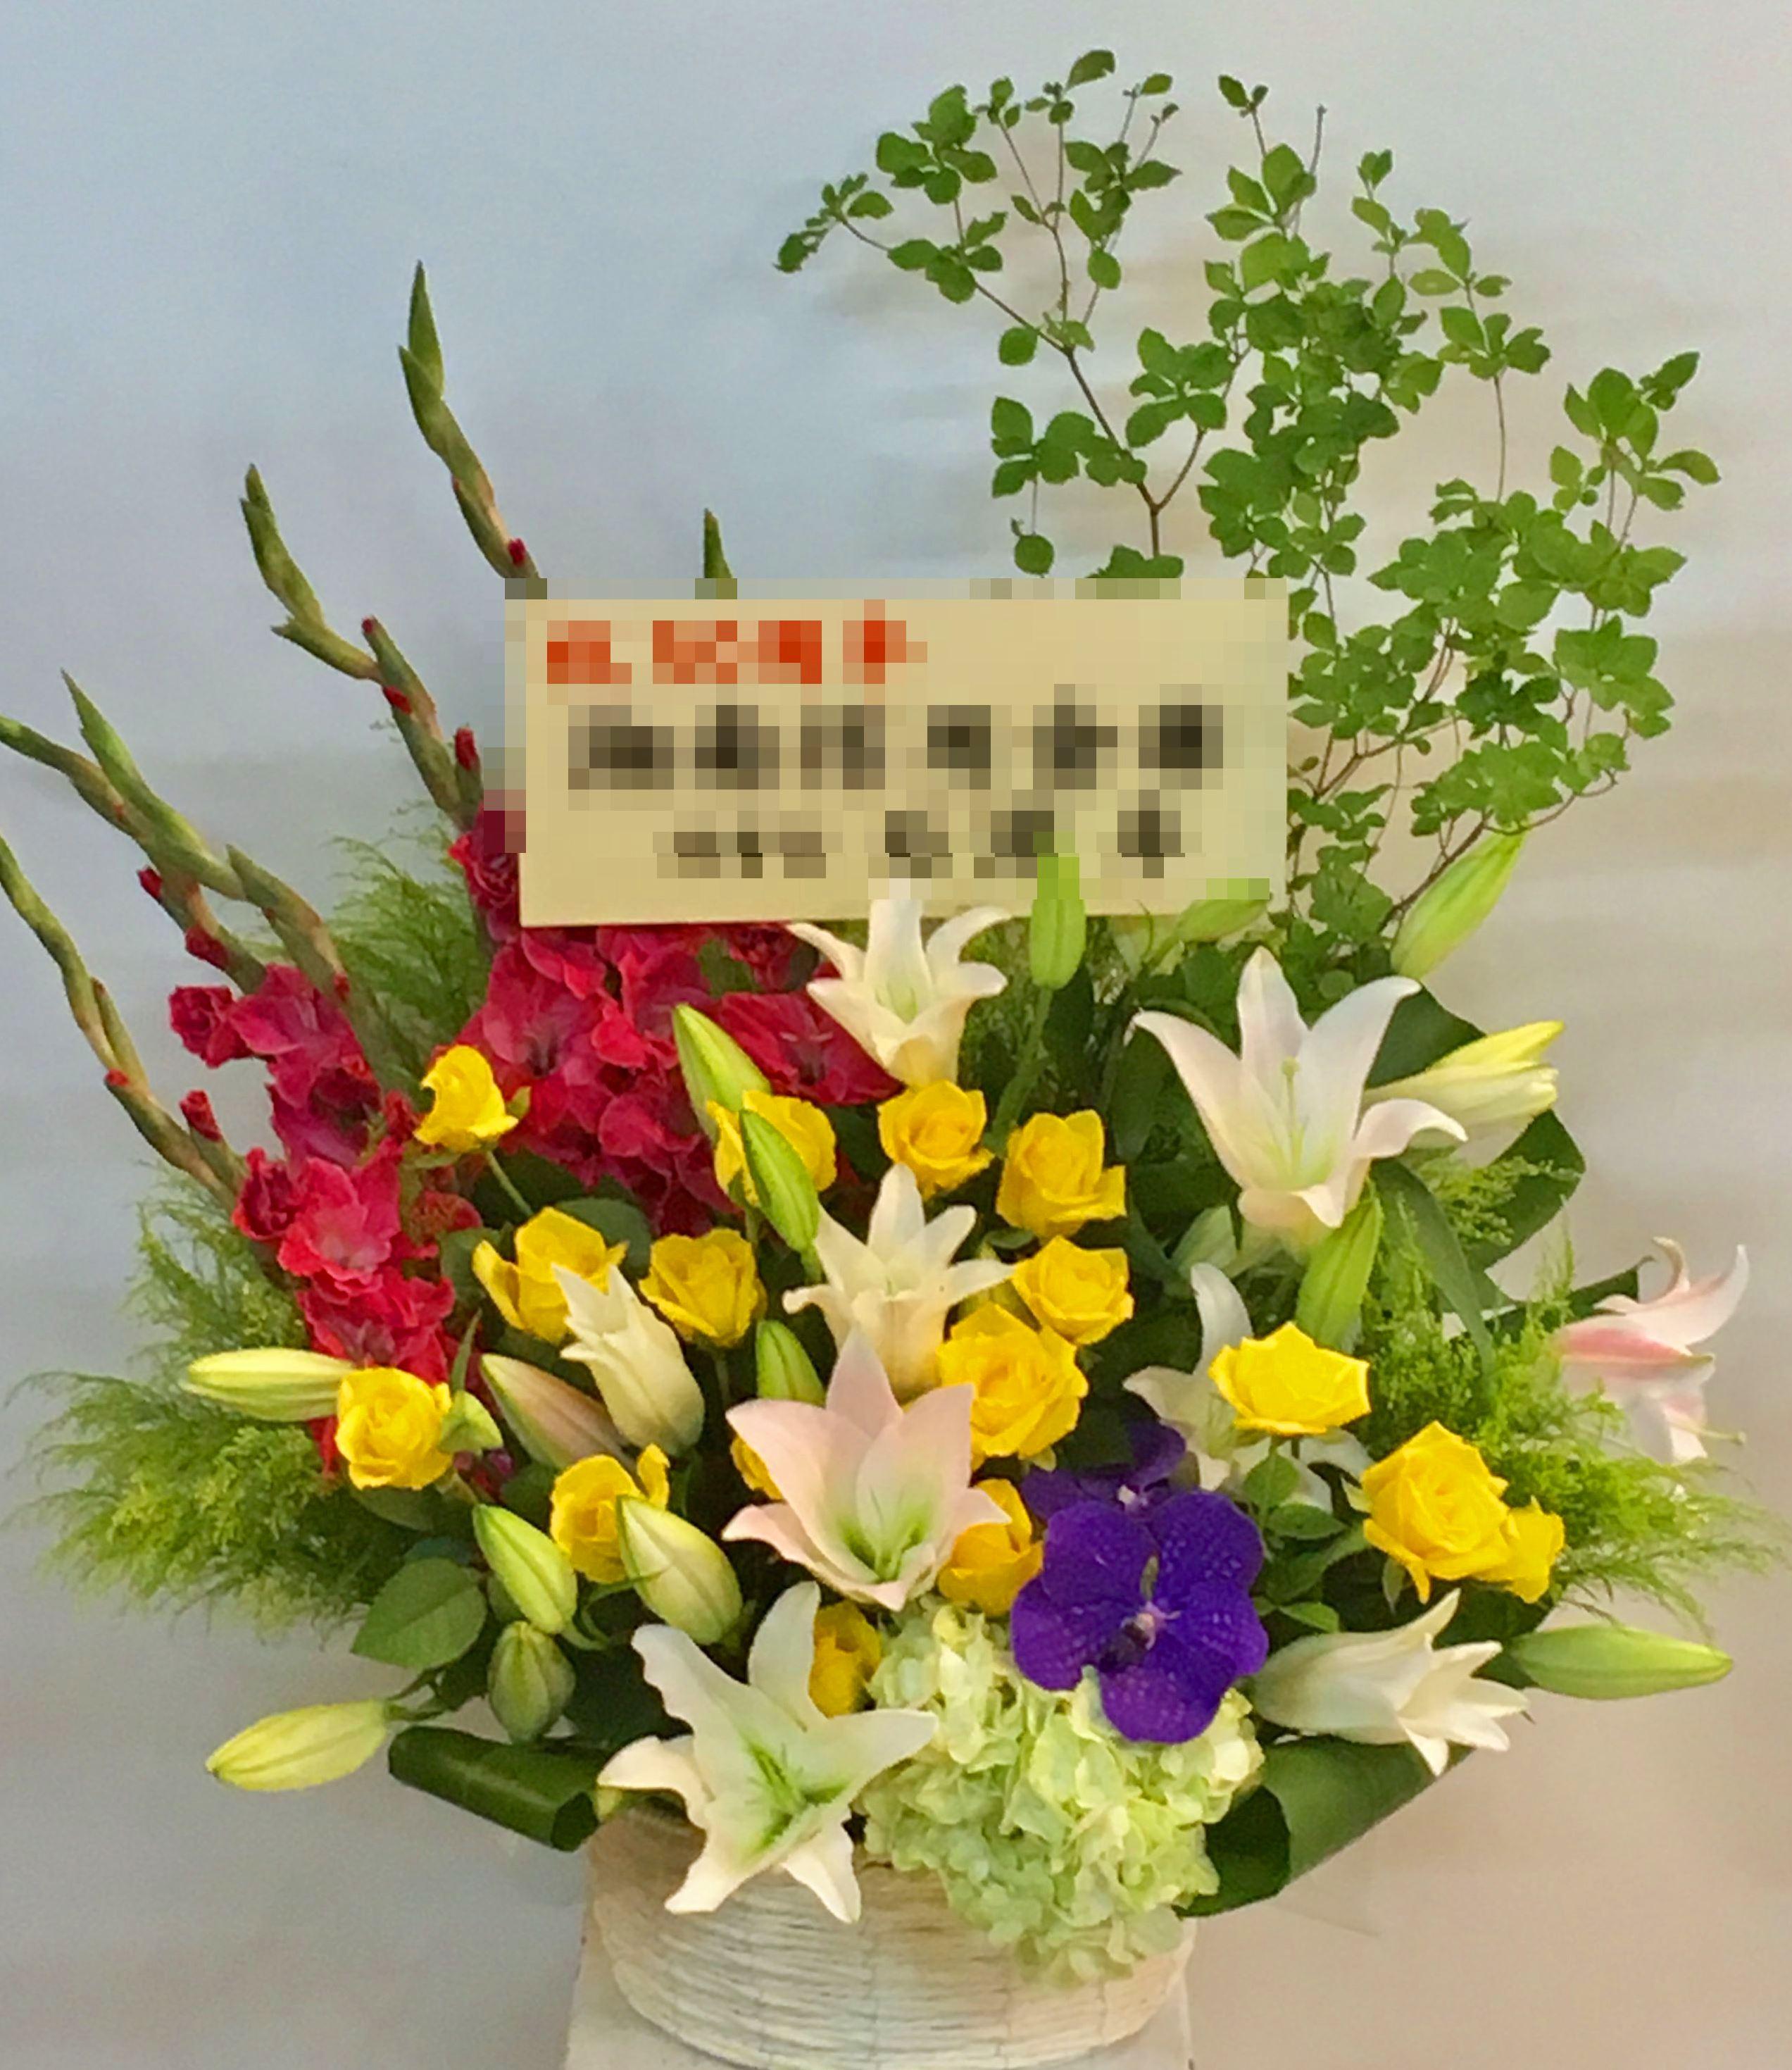 【ナオ花屋の納品事例150】川崎市幸区新川崎の郵便局様へアレンジメントを配達しました!